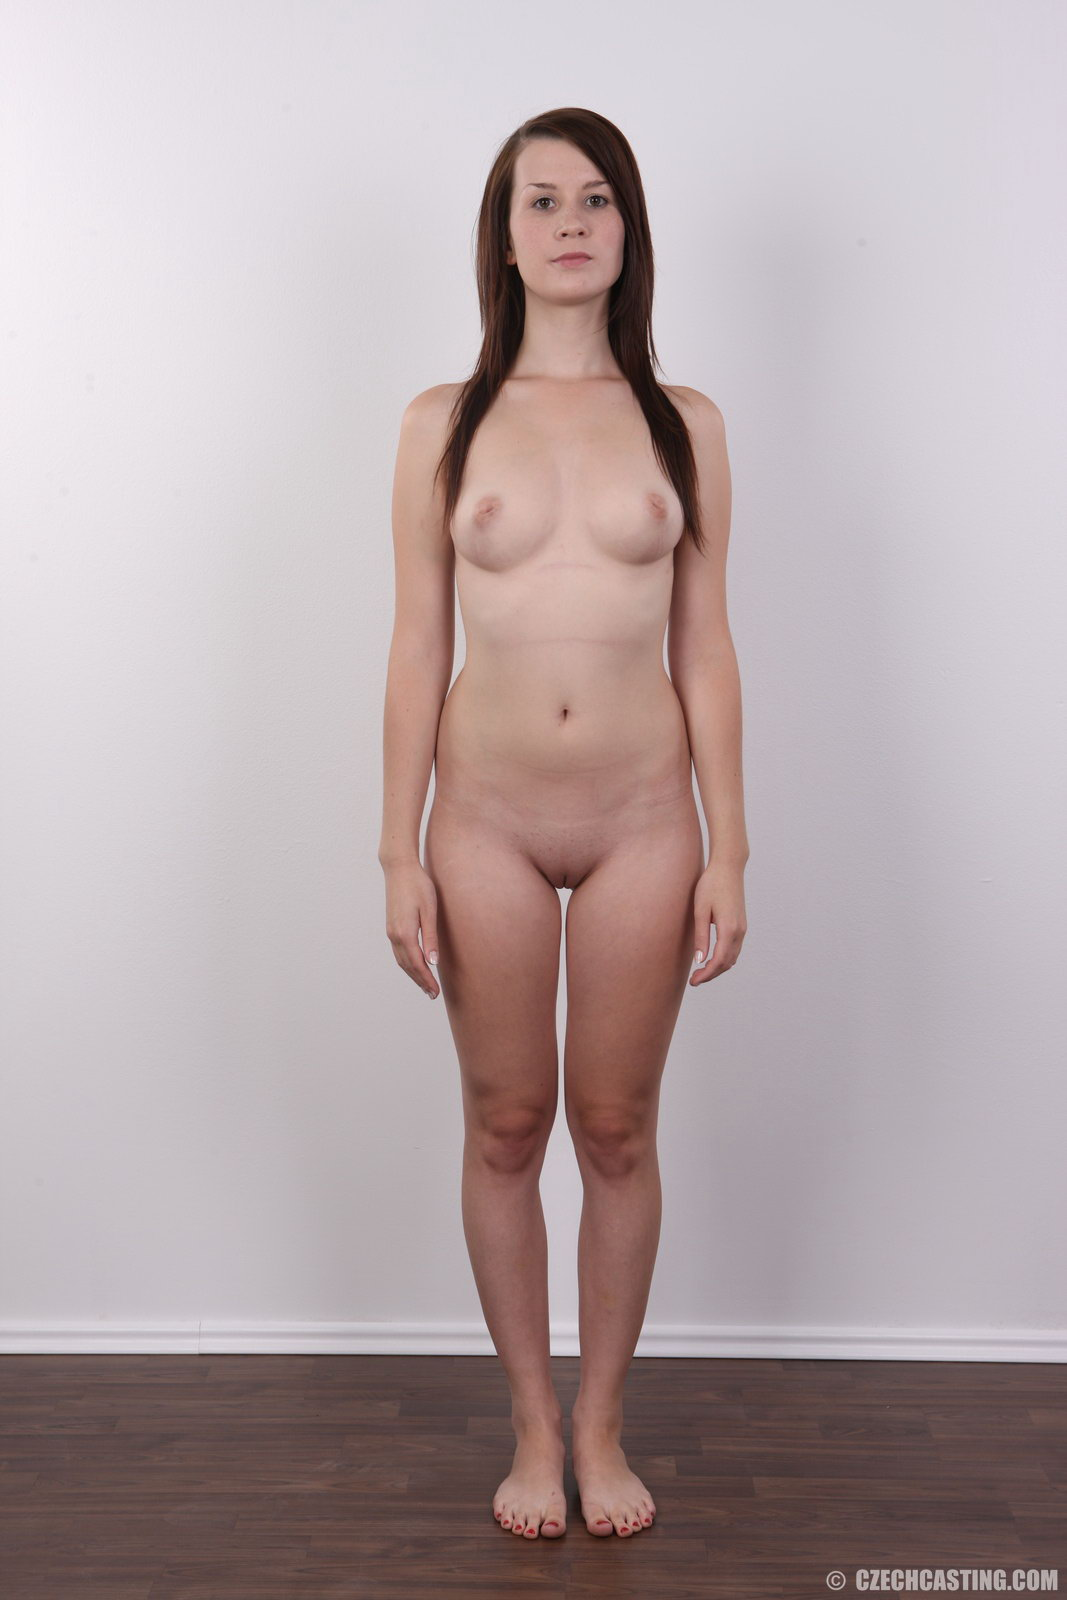 Hot Naked Czech Women